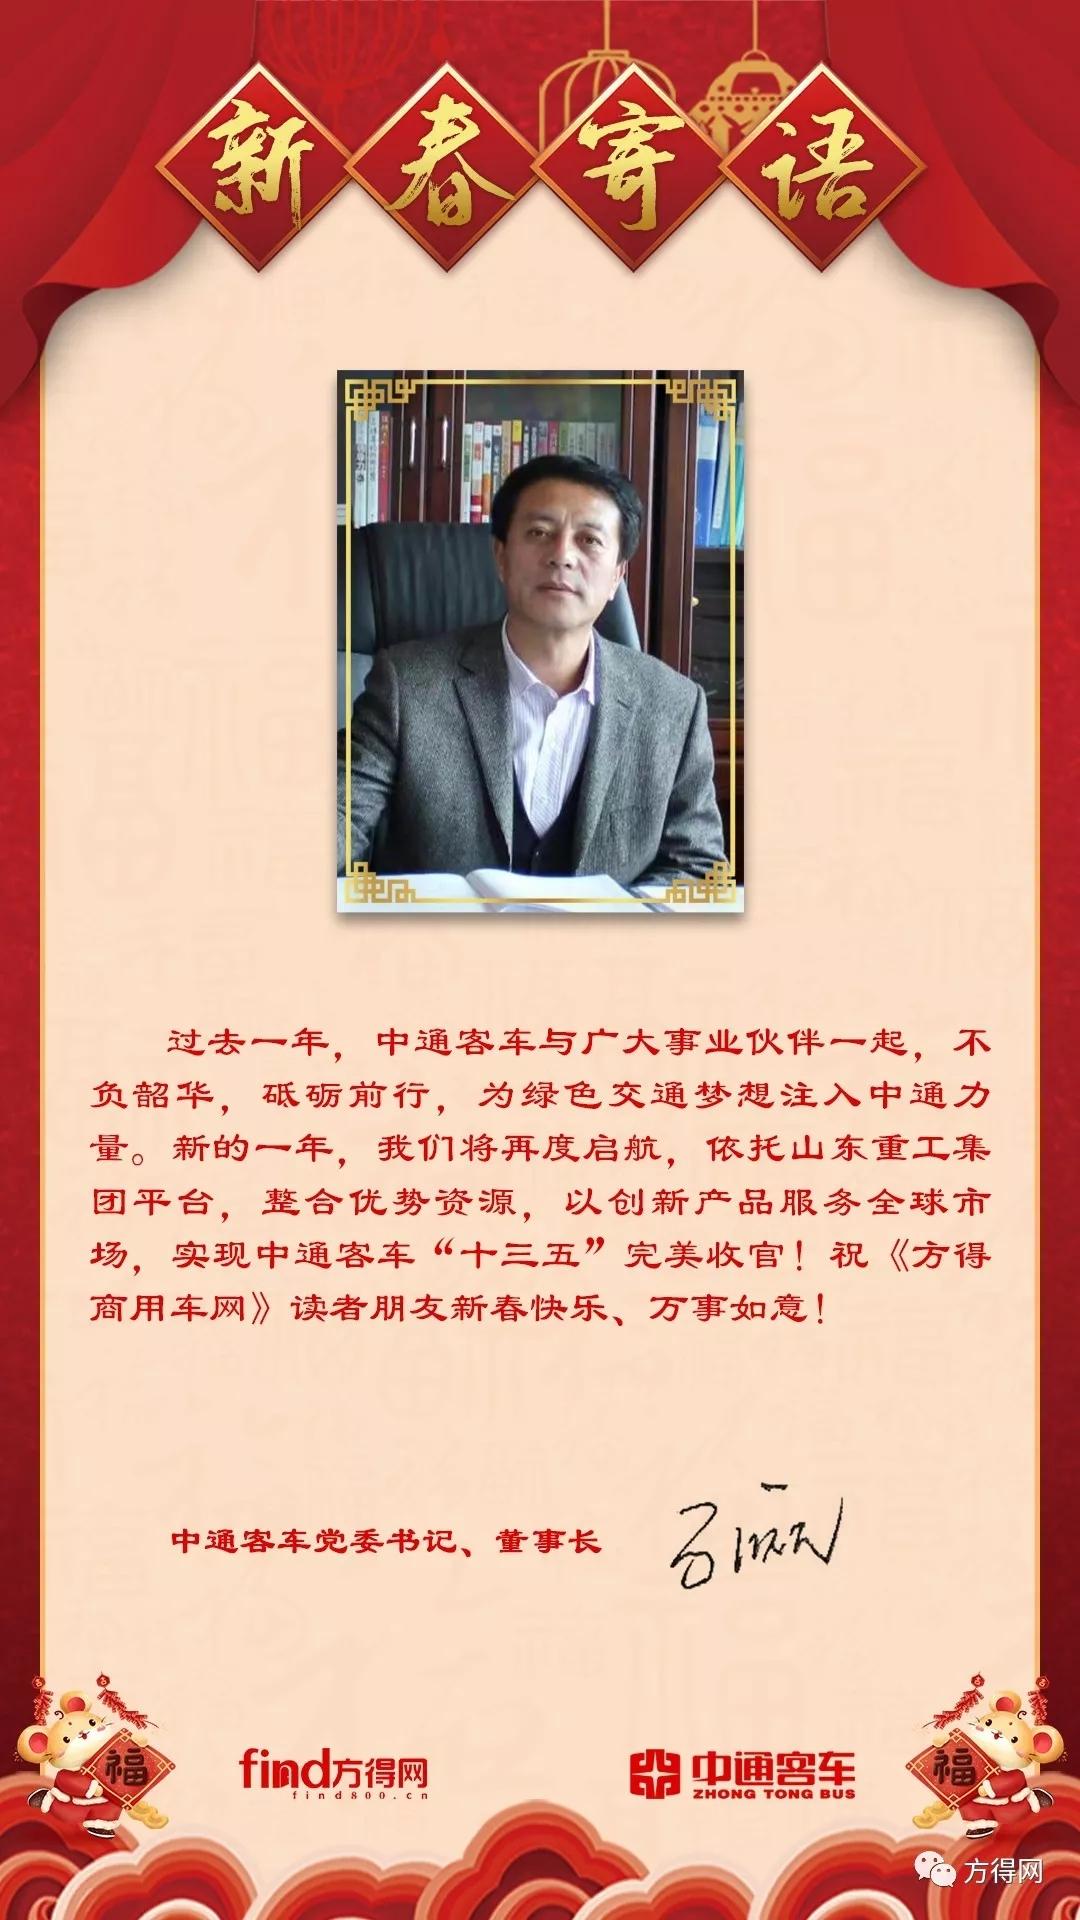 中通客车党委书记、董事长孙庆民给您拜年了